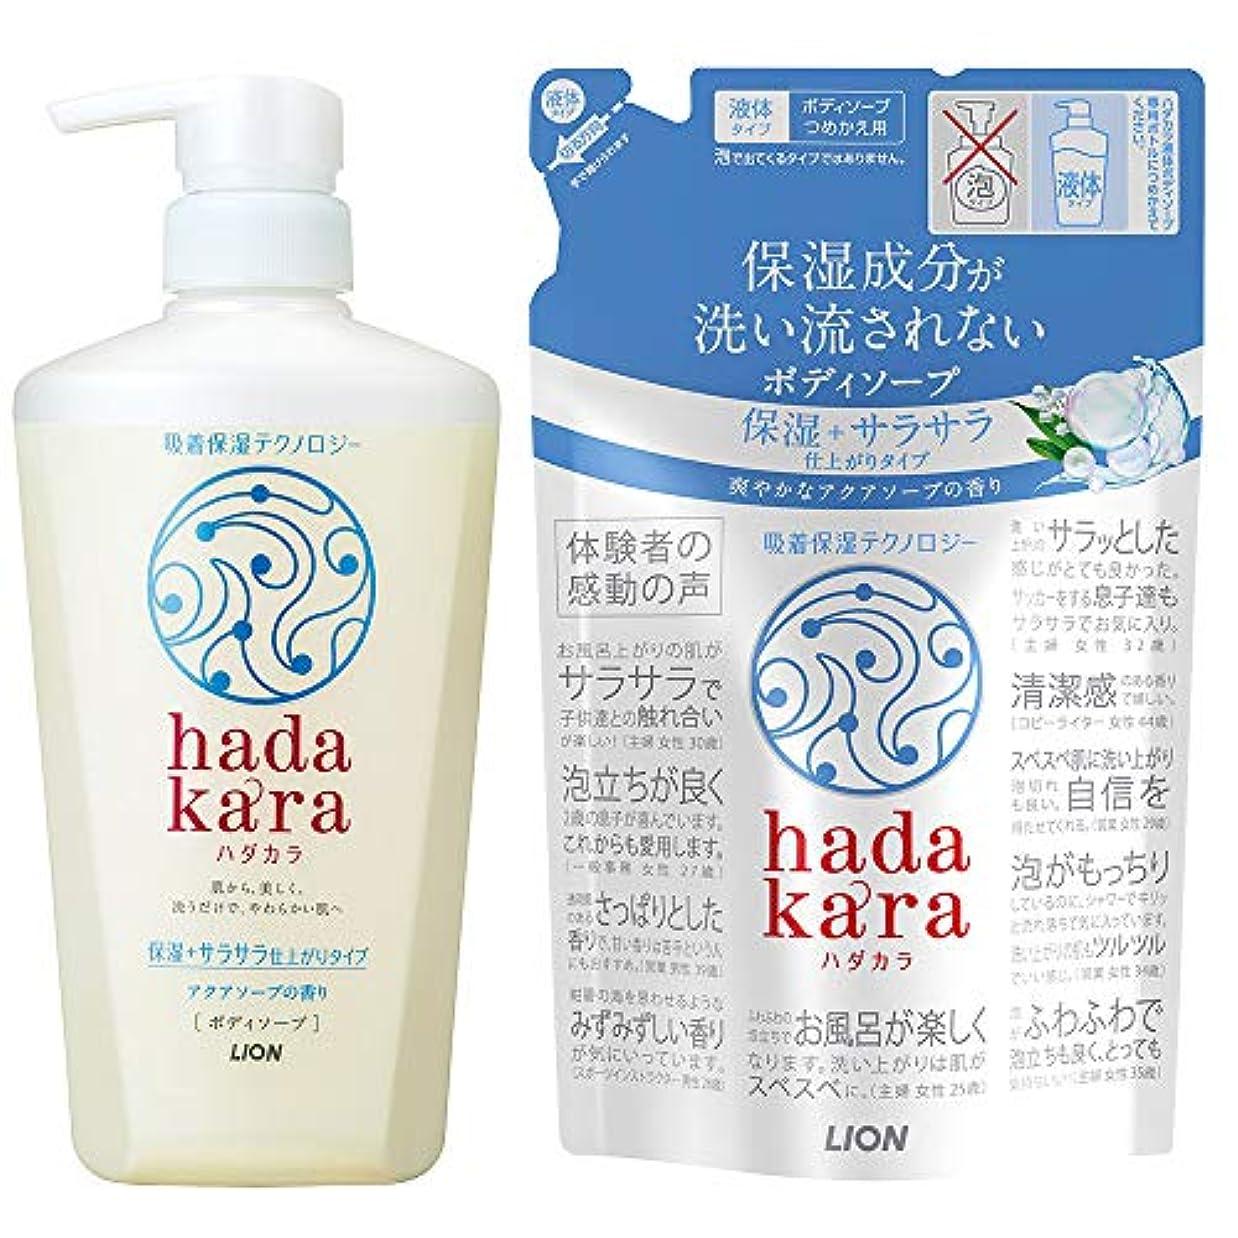 手書き障害課税hadakara(ハダカラ)ボディソープ 保湿+サラサラ仕上がりタイプ アクアソープの香り 本体 480ml + つめかえ 340ml